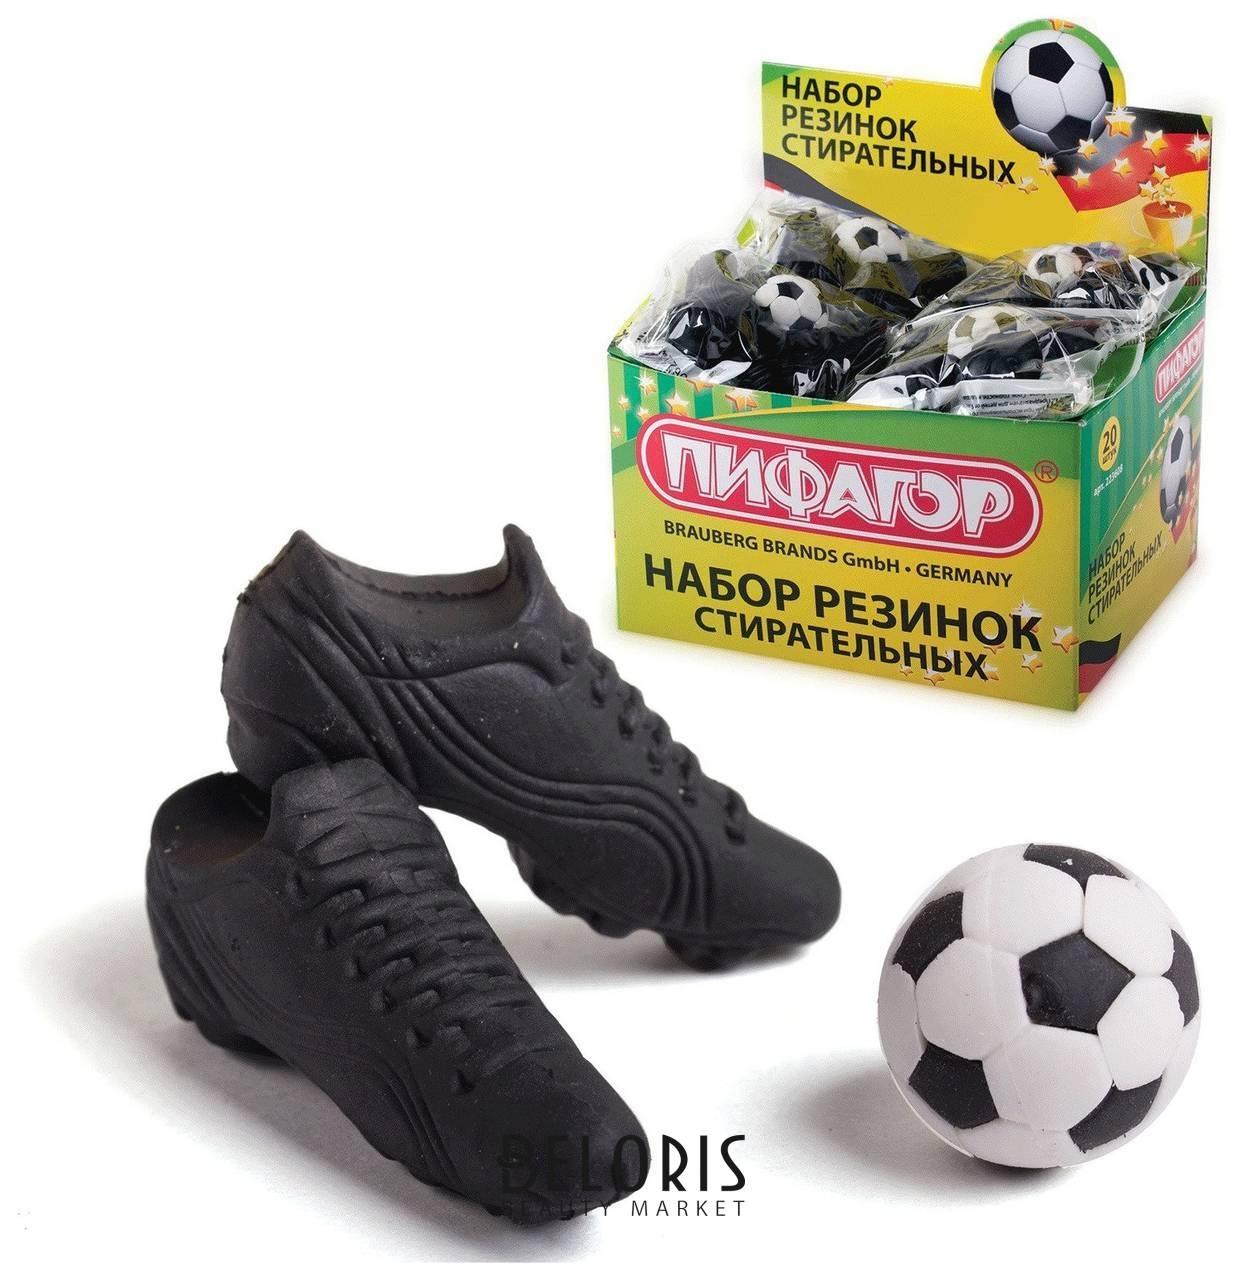 Набор ластиков фигурных пифагор Футбол, 3 шт., форма и цвет ассорти, термопластичная резина Пифагор